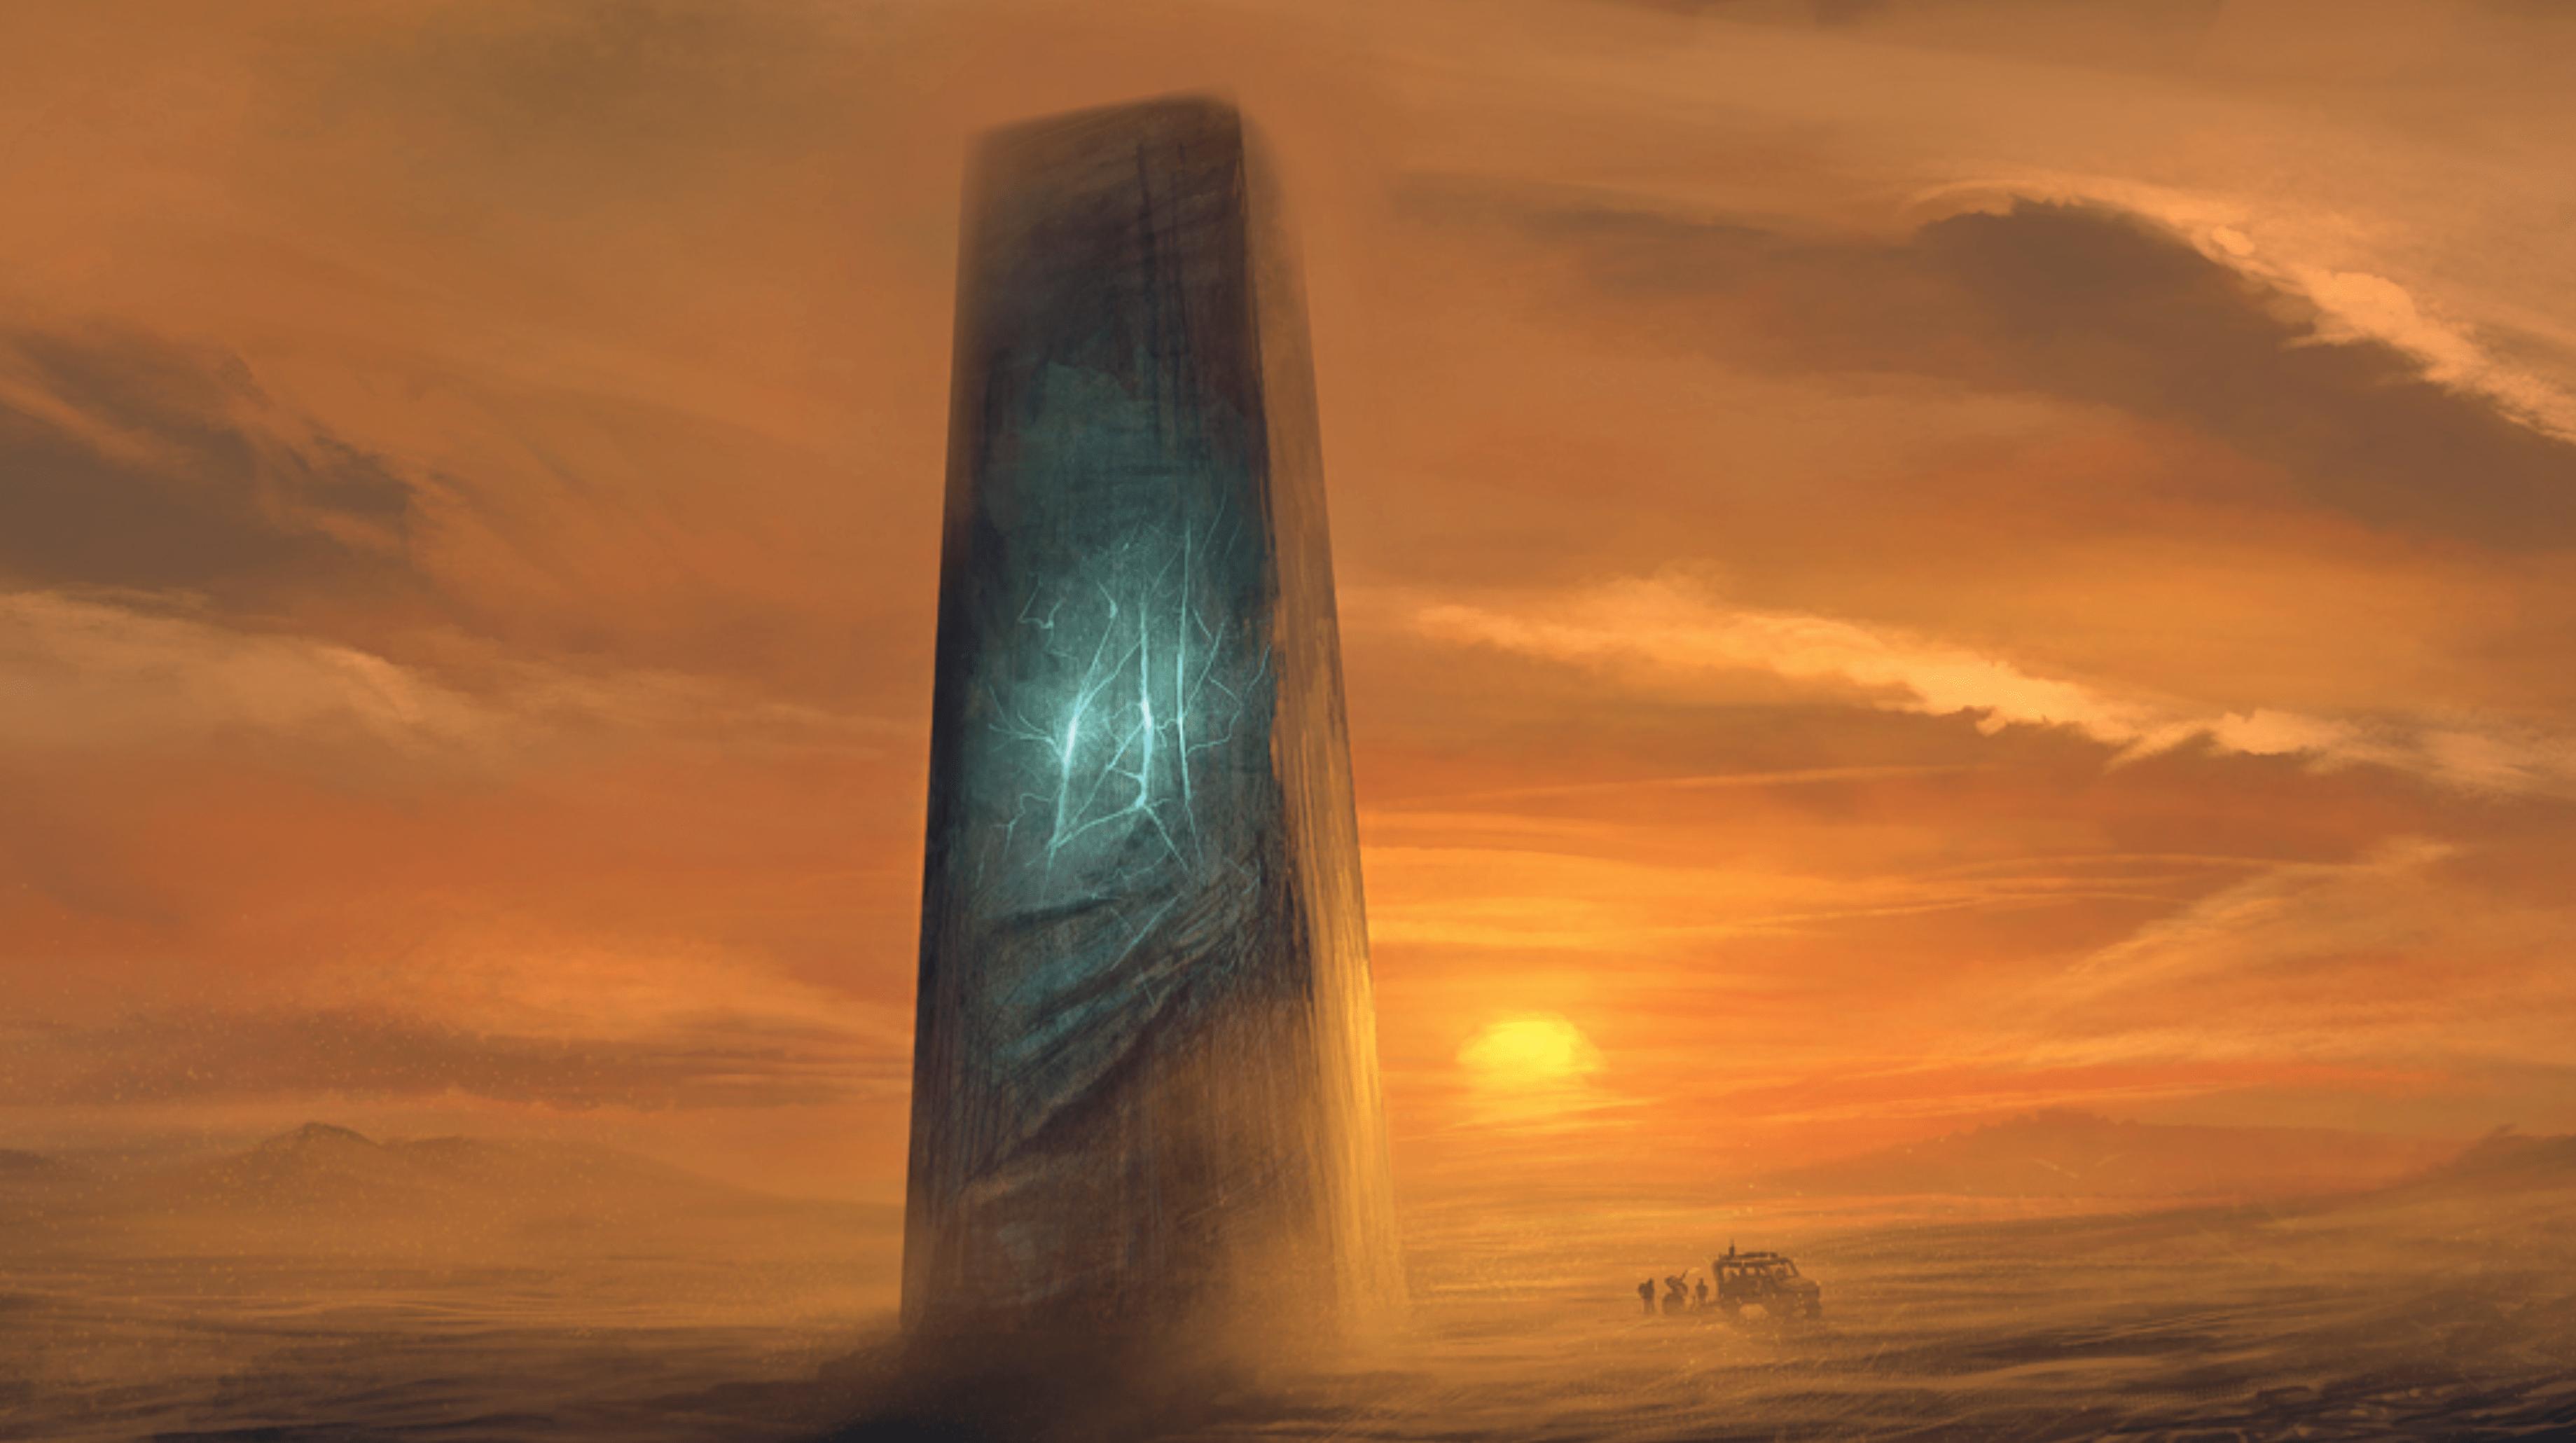 Desapareció el misterioso monolito en el desierto de EE.UU